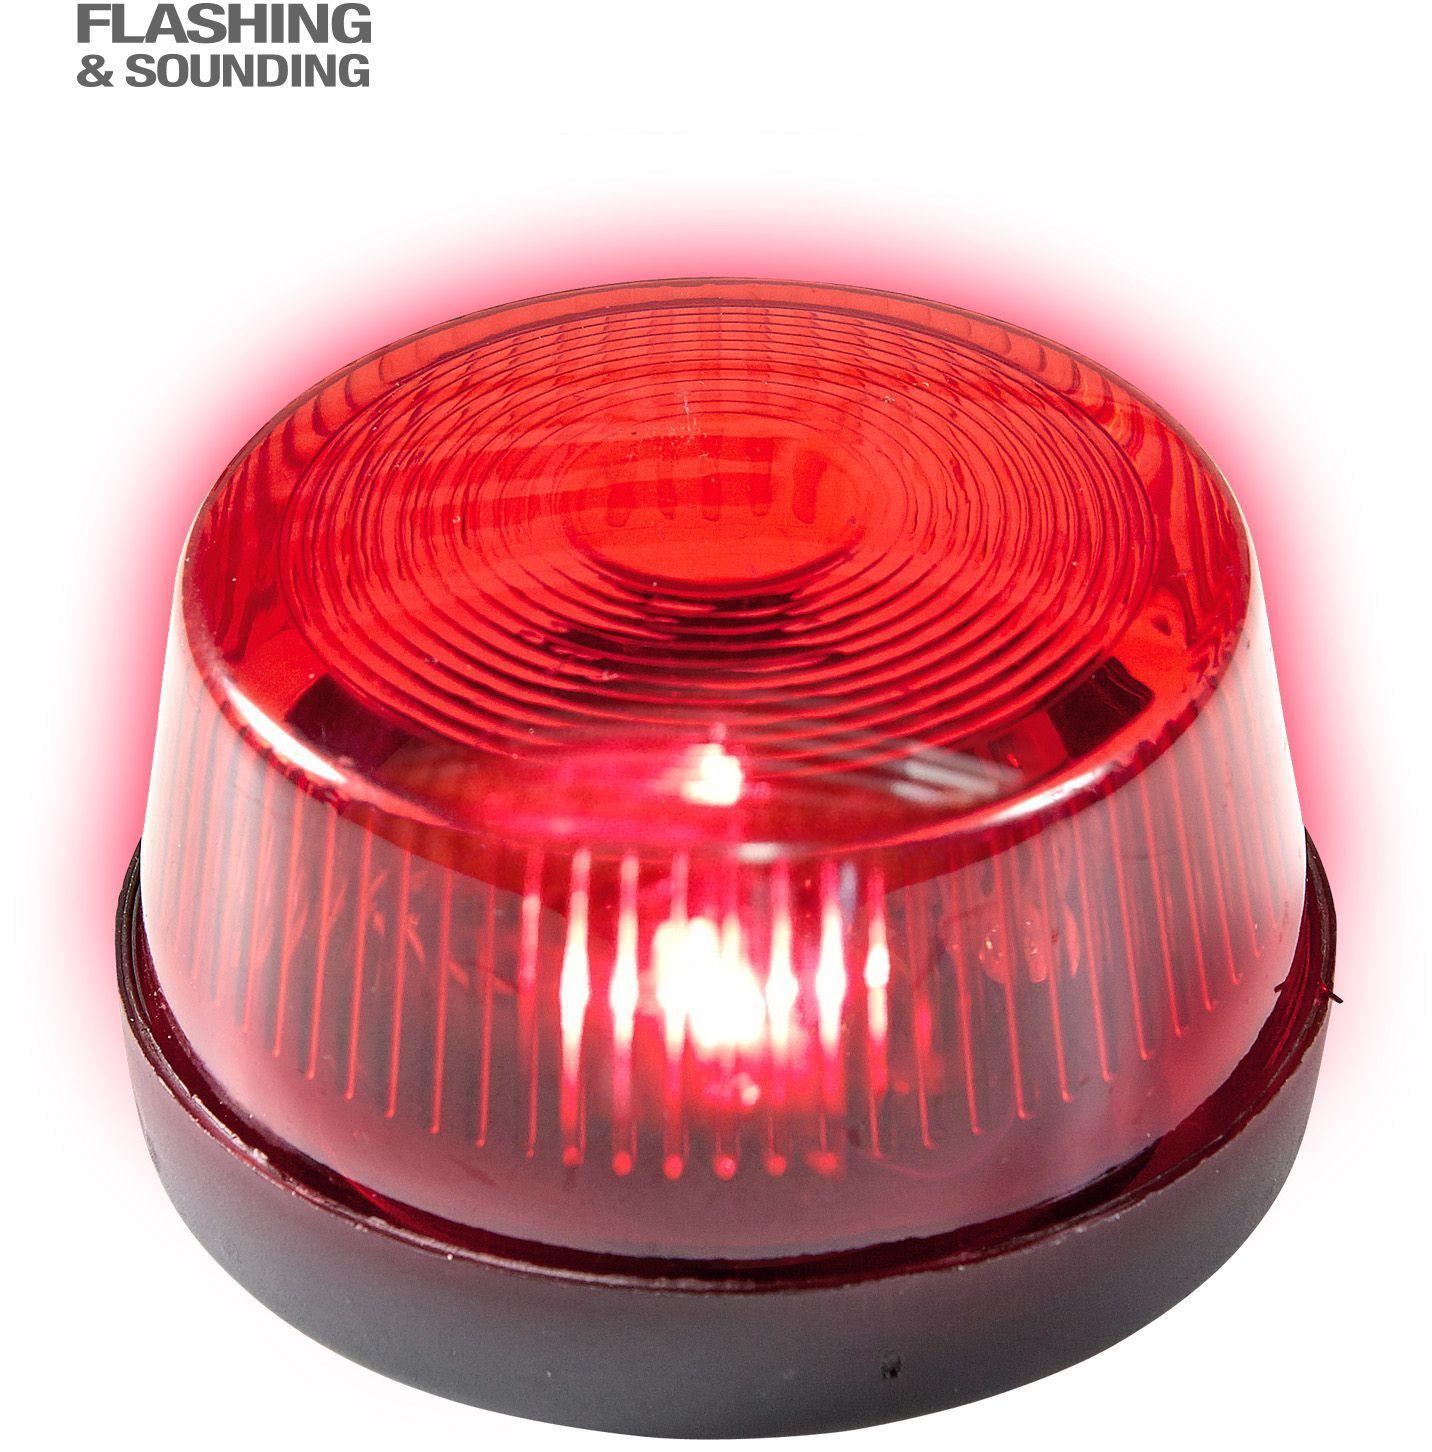 Rood sirenelicht met geluid